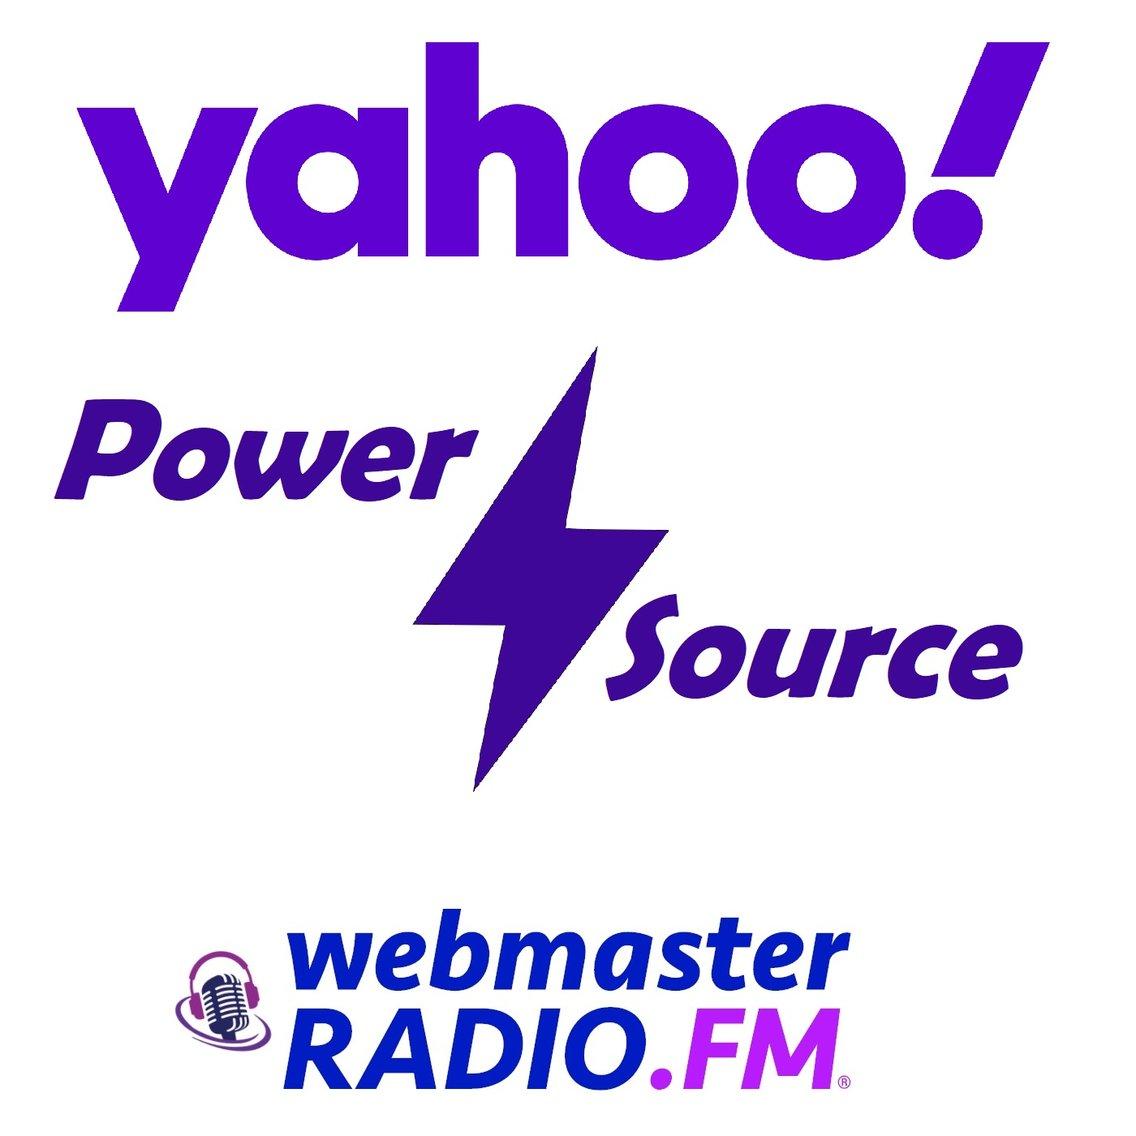 Yahoo Power Source - imagen de portada